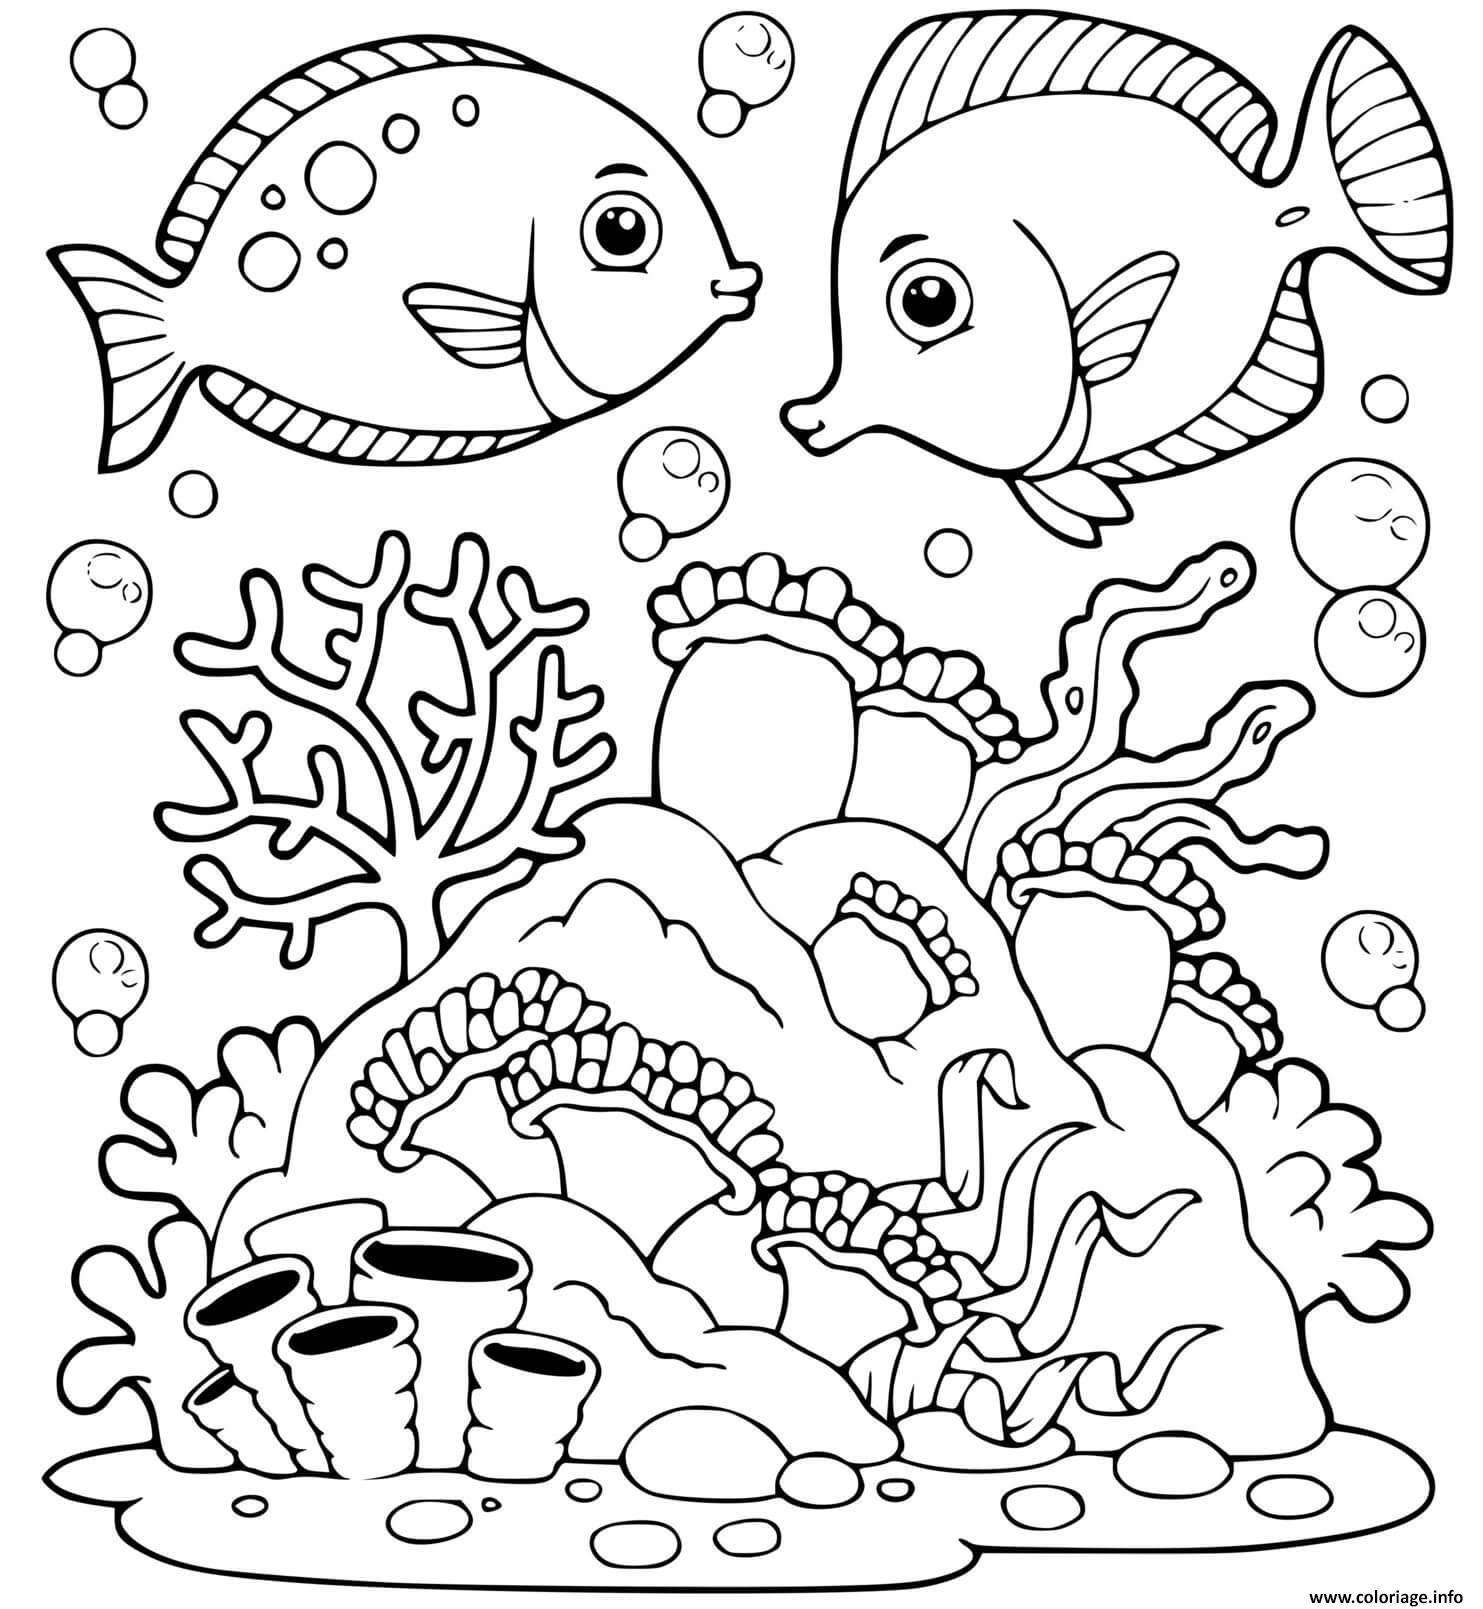 Dessin le monde marin animaux de la mer Coloriage Gratuit à Imprimer